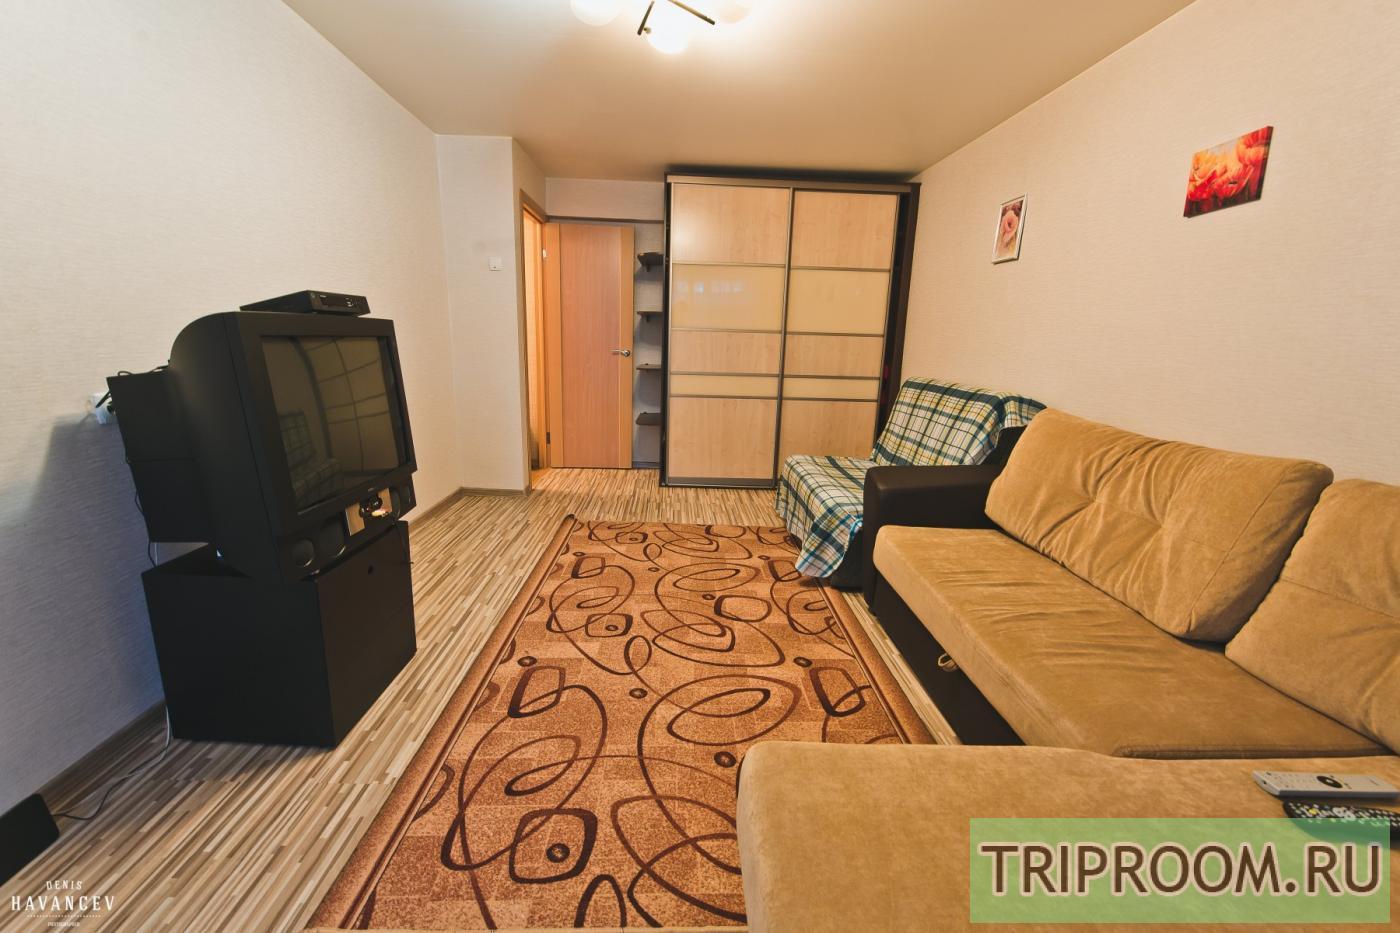 1-комнатная квартира посуточно (вариант № 14830), ул. Рахова улица, фото № 3